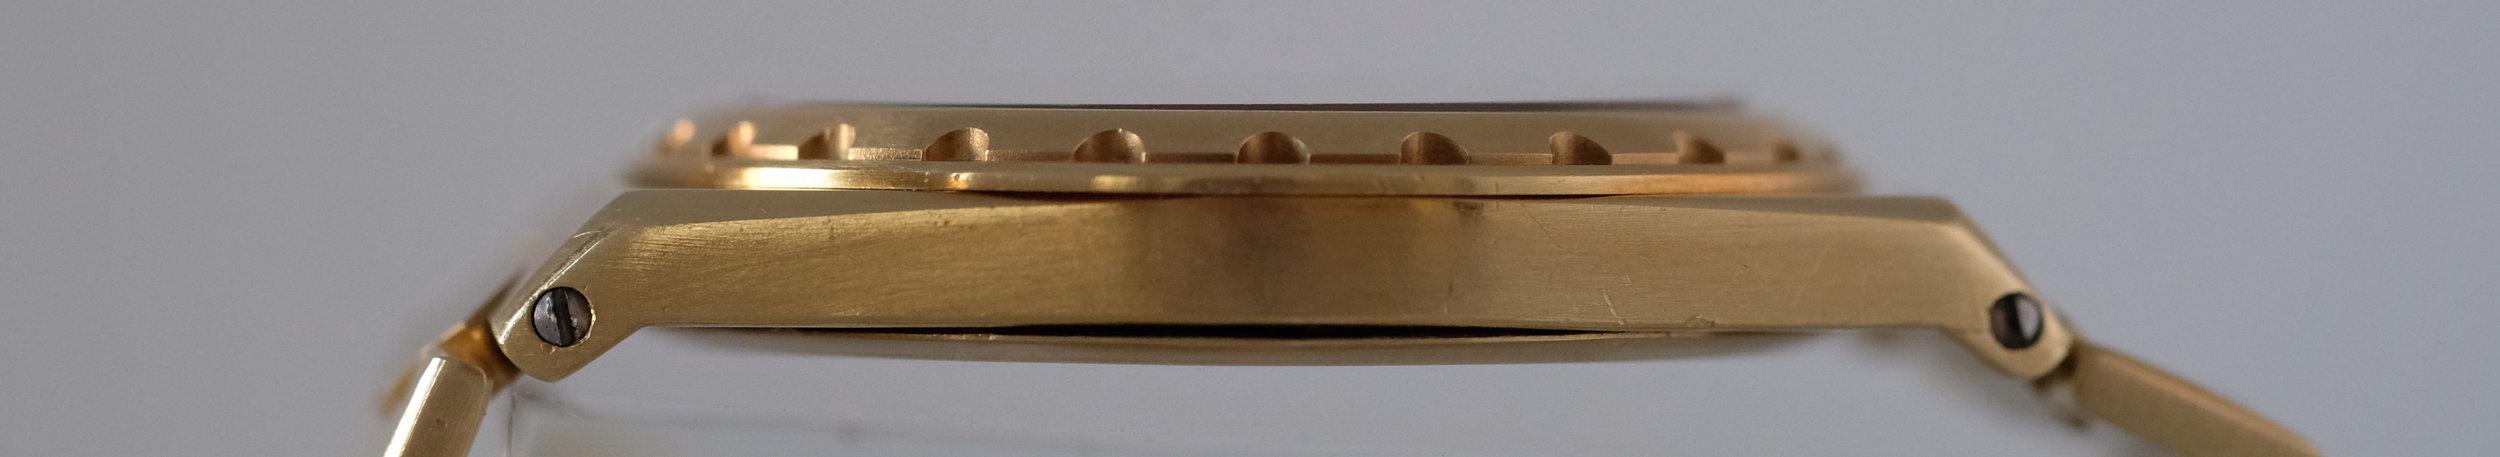 DSCF0253.JPG